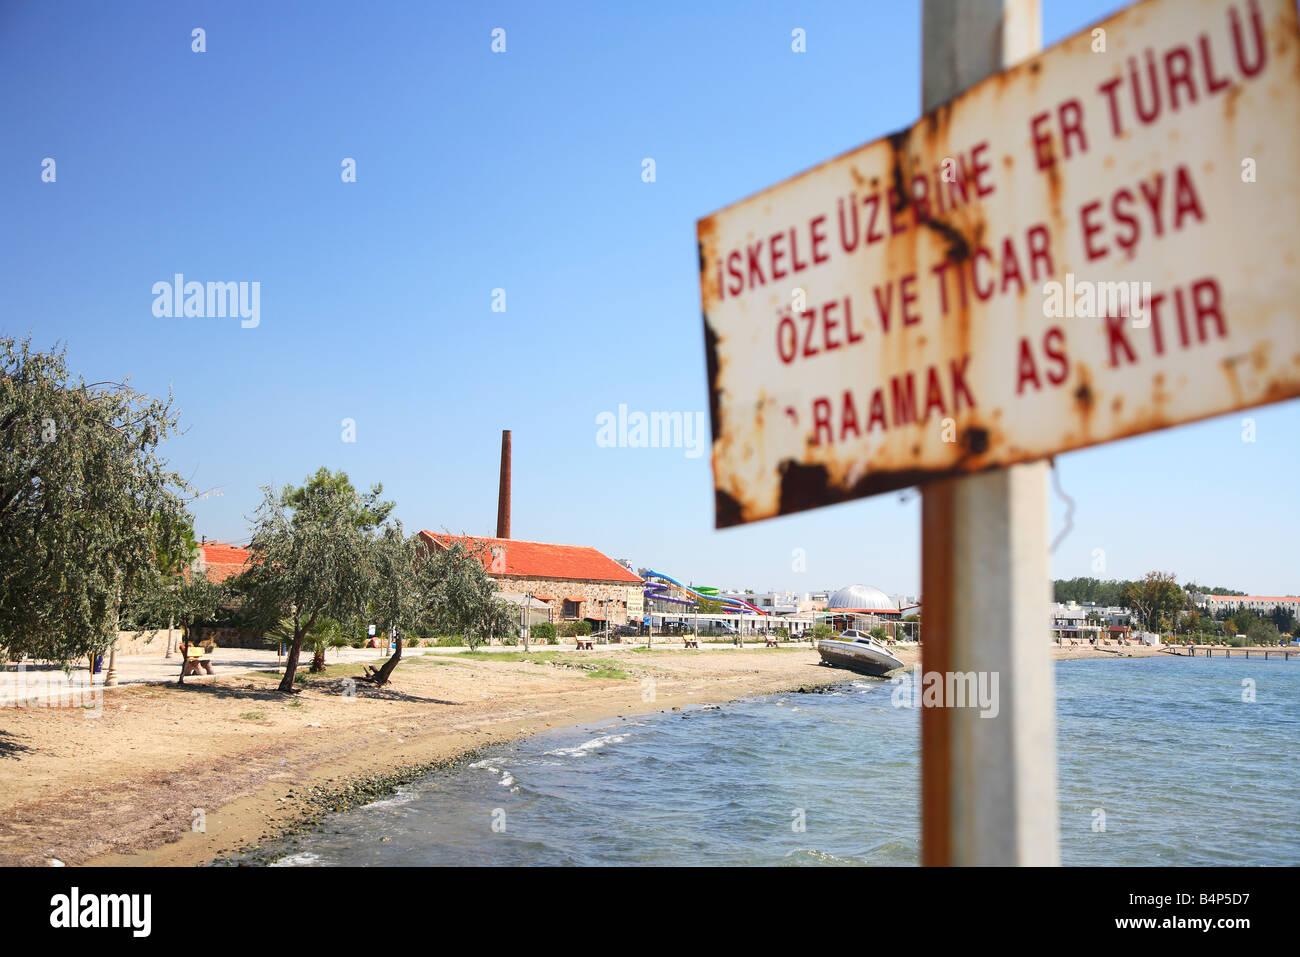 Akcay, harbor, horbour, Balikesir area, Aegean Sea, North Aegean, Turkey - Stock Image